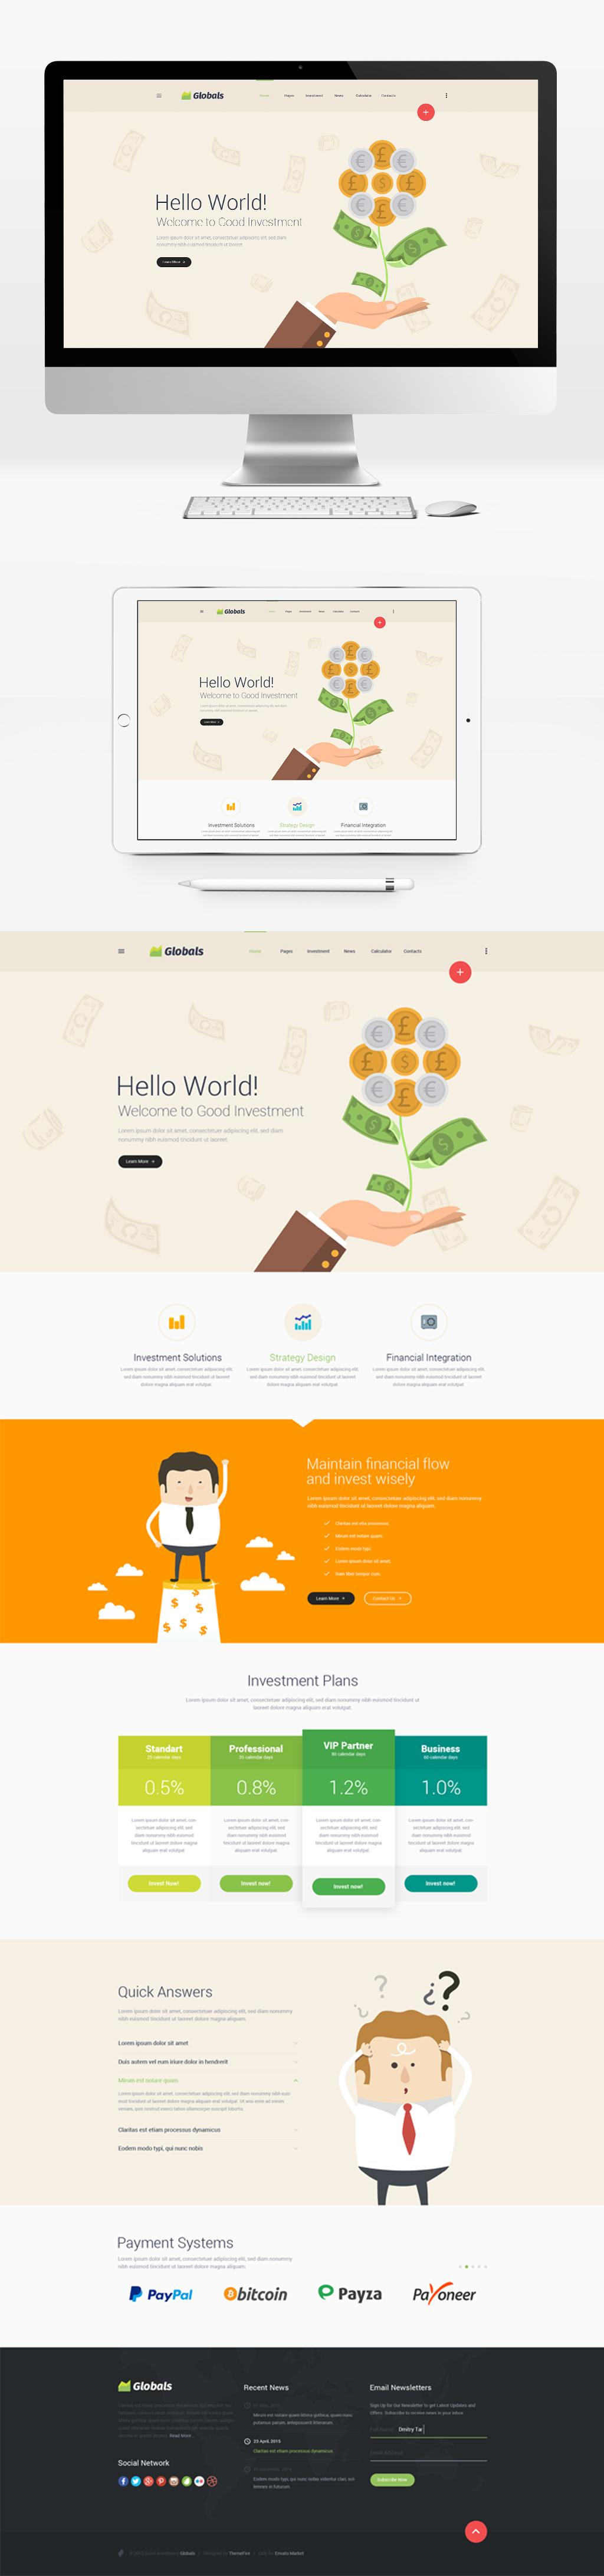 原创设计商务金融办公h5页面信息视频展示网页模板